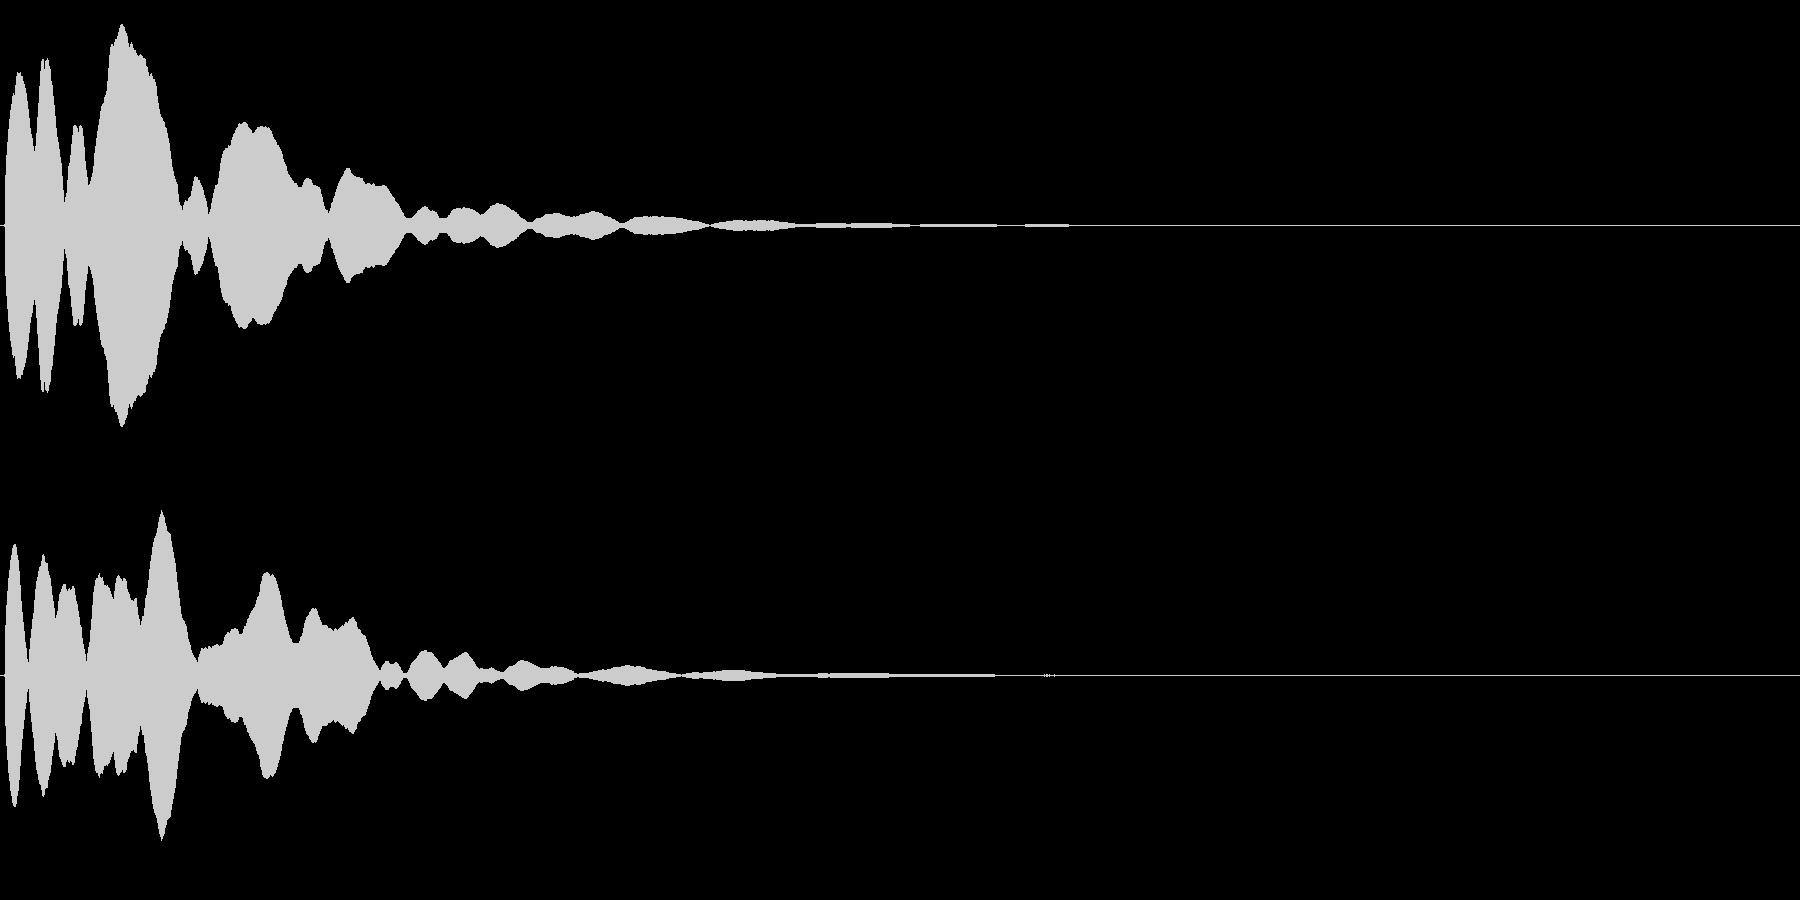 ゲームスタート、決定、ボタン音-164の未再生の波形